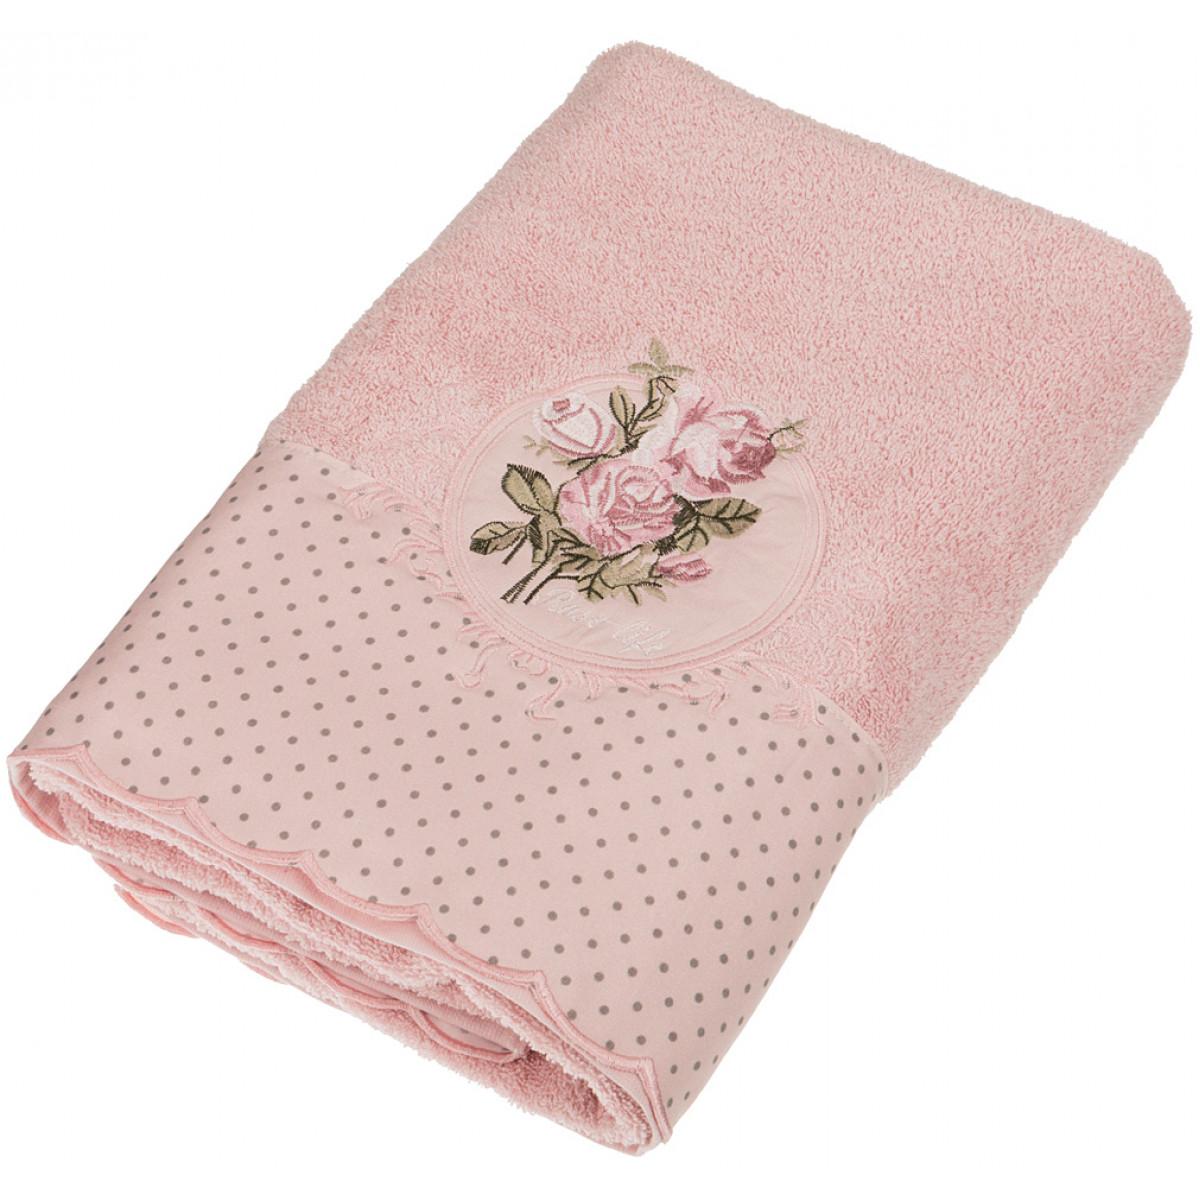 Полотенца Santalino Полотенце Abimelech (50х90 см) полотенце для лица арти м 50х90 см 840 06